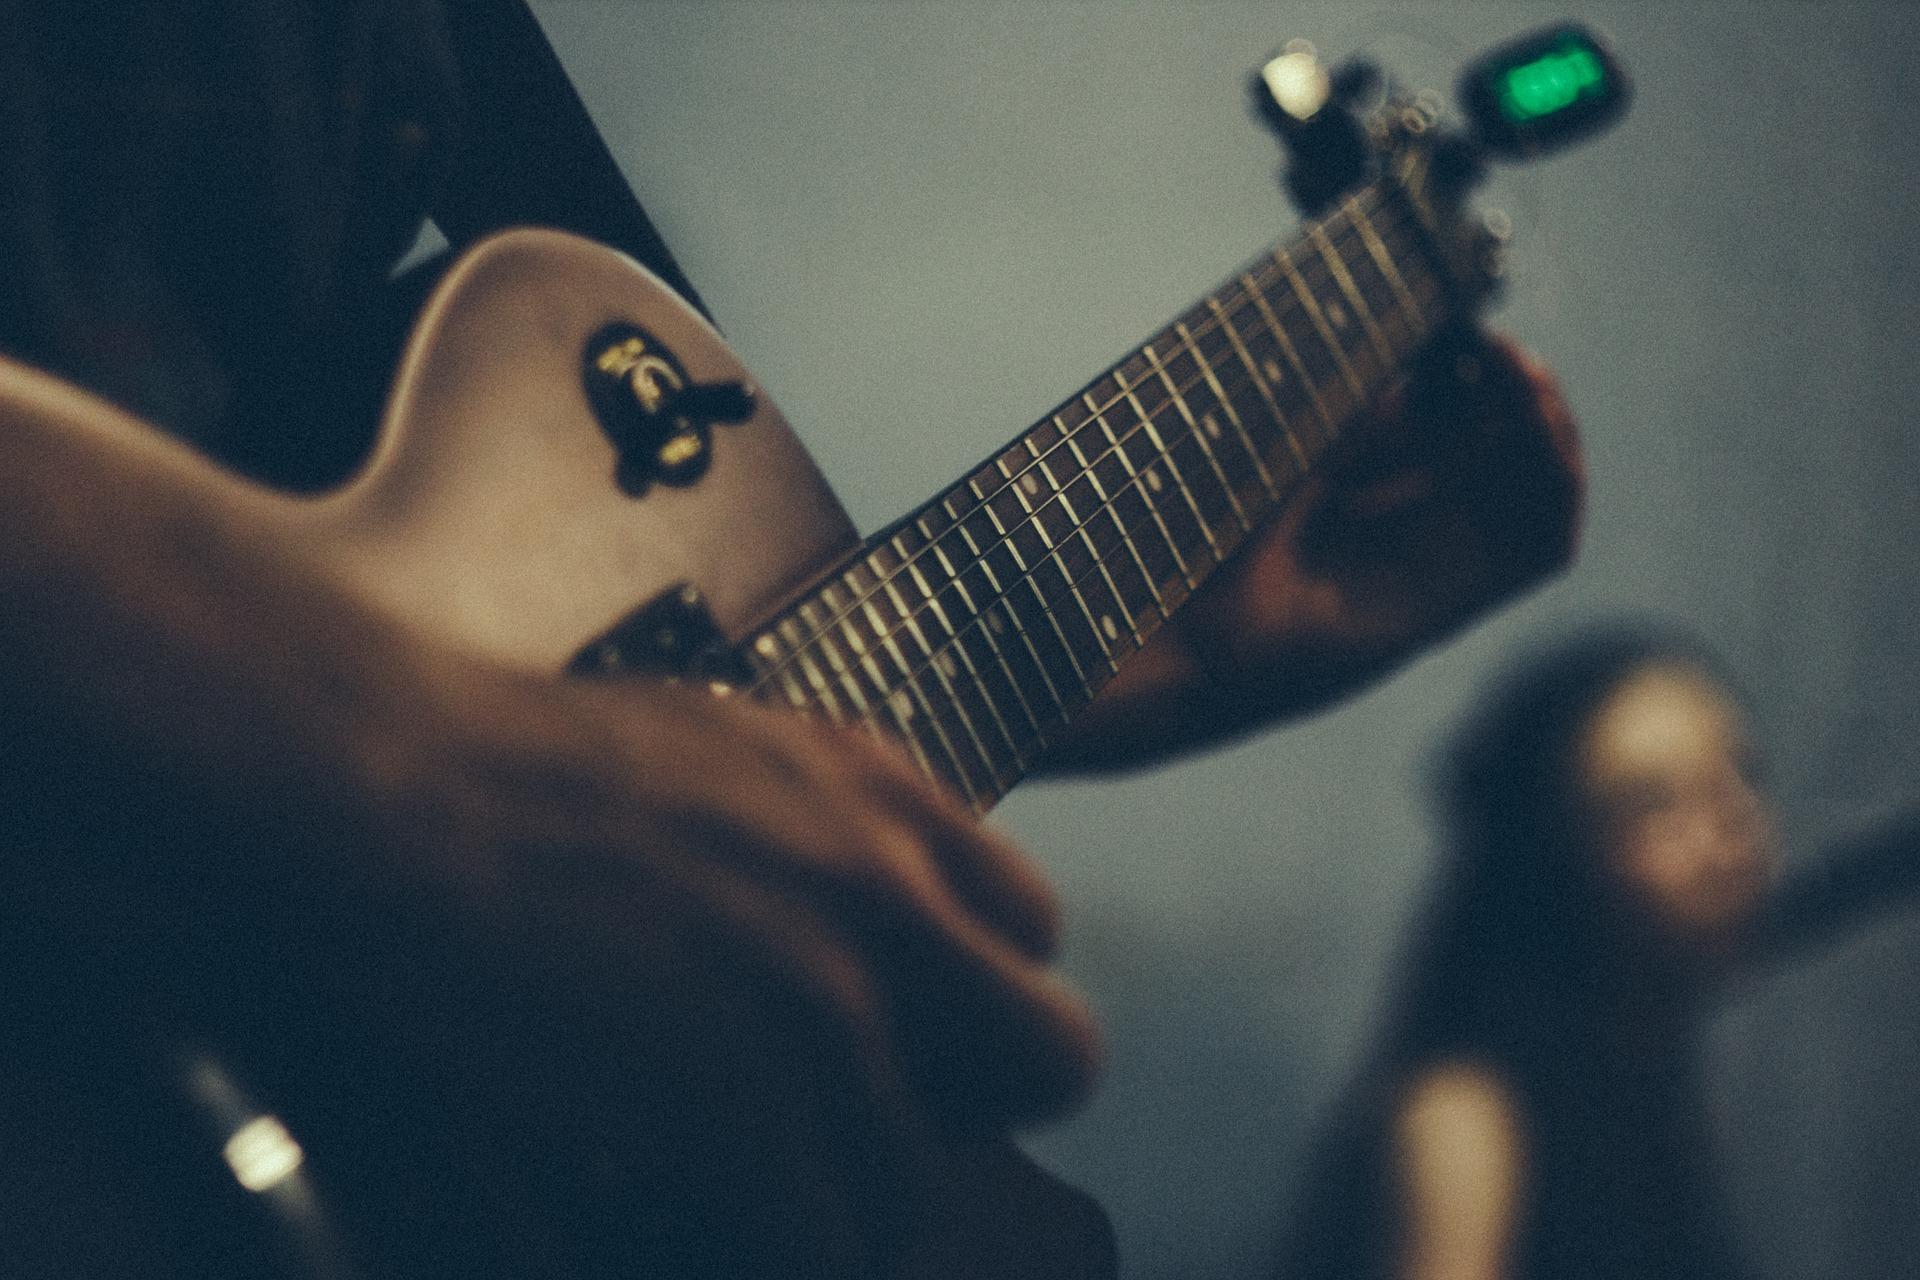 【チューナの選び方】初心者でも使いやすいオススメのチューナーを紹介。ギターやベースには必須!チューナーの選ぶポイントとは?